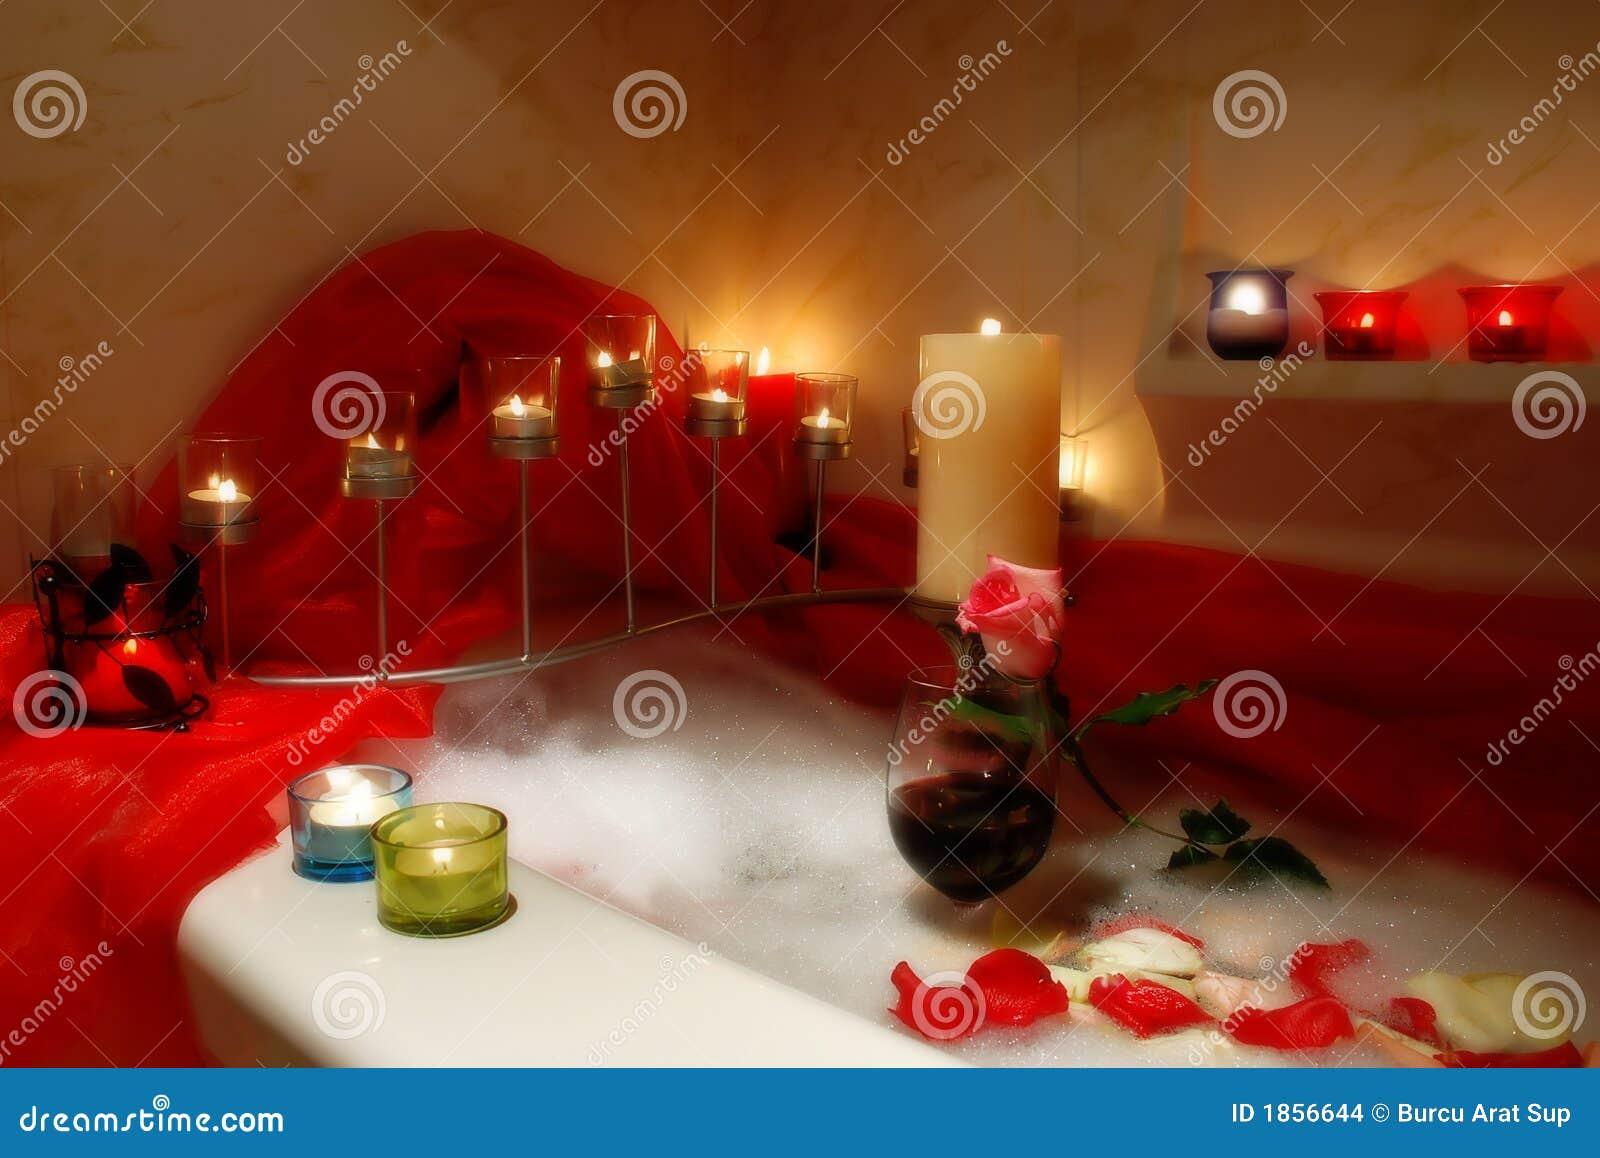 Badkuip die met kaarsen romantische atmosfeer wordt omringd